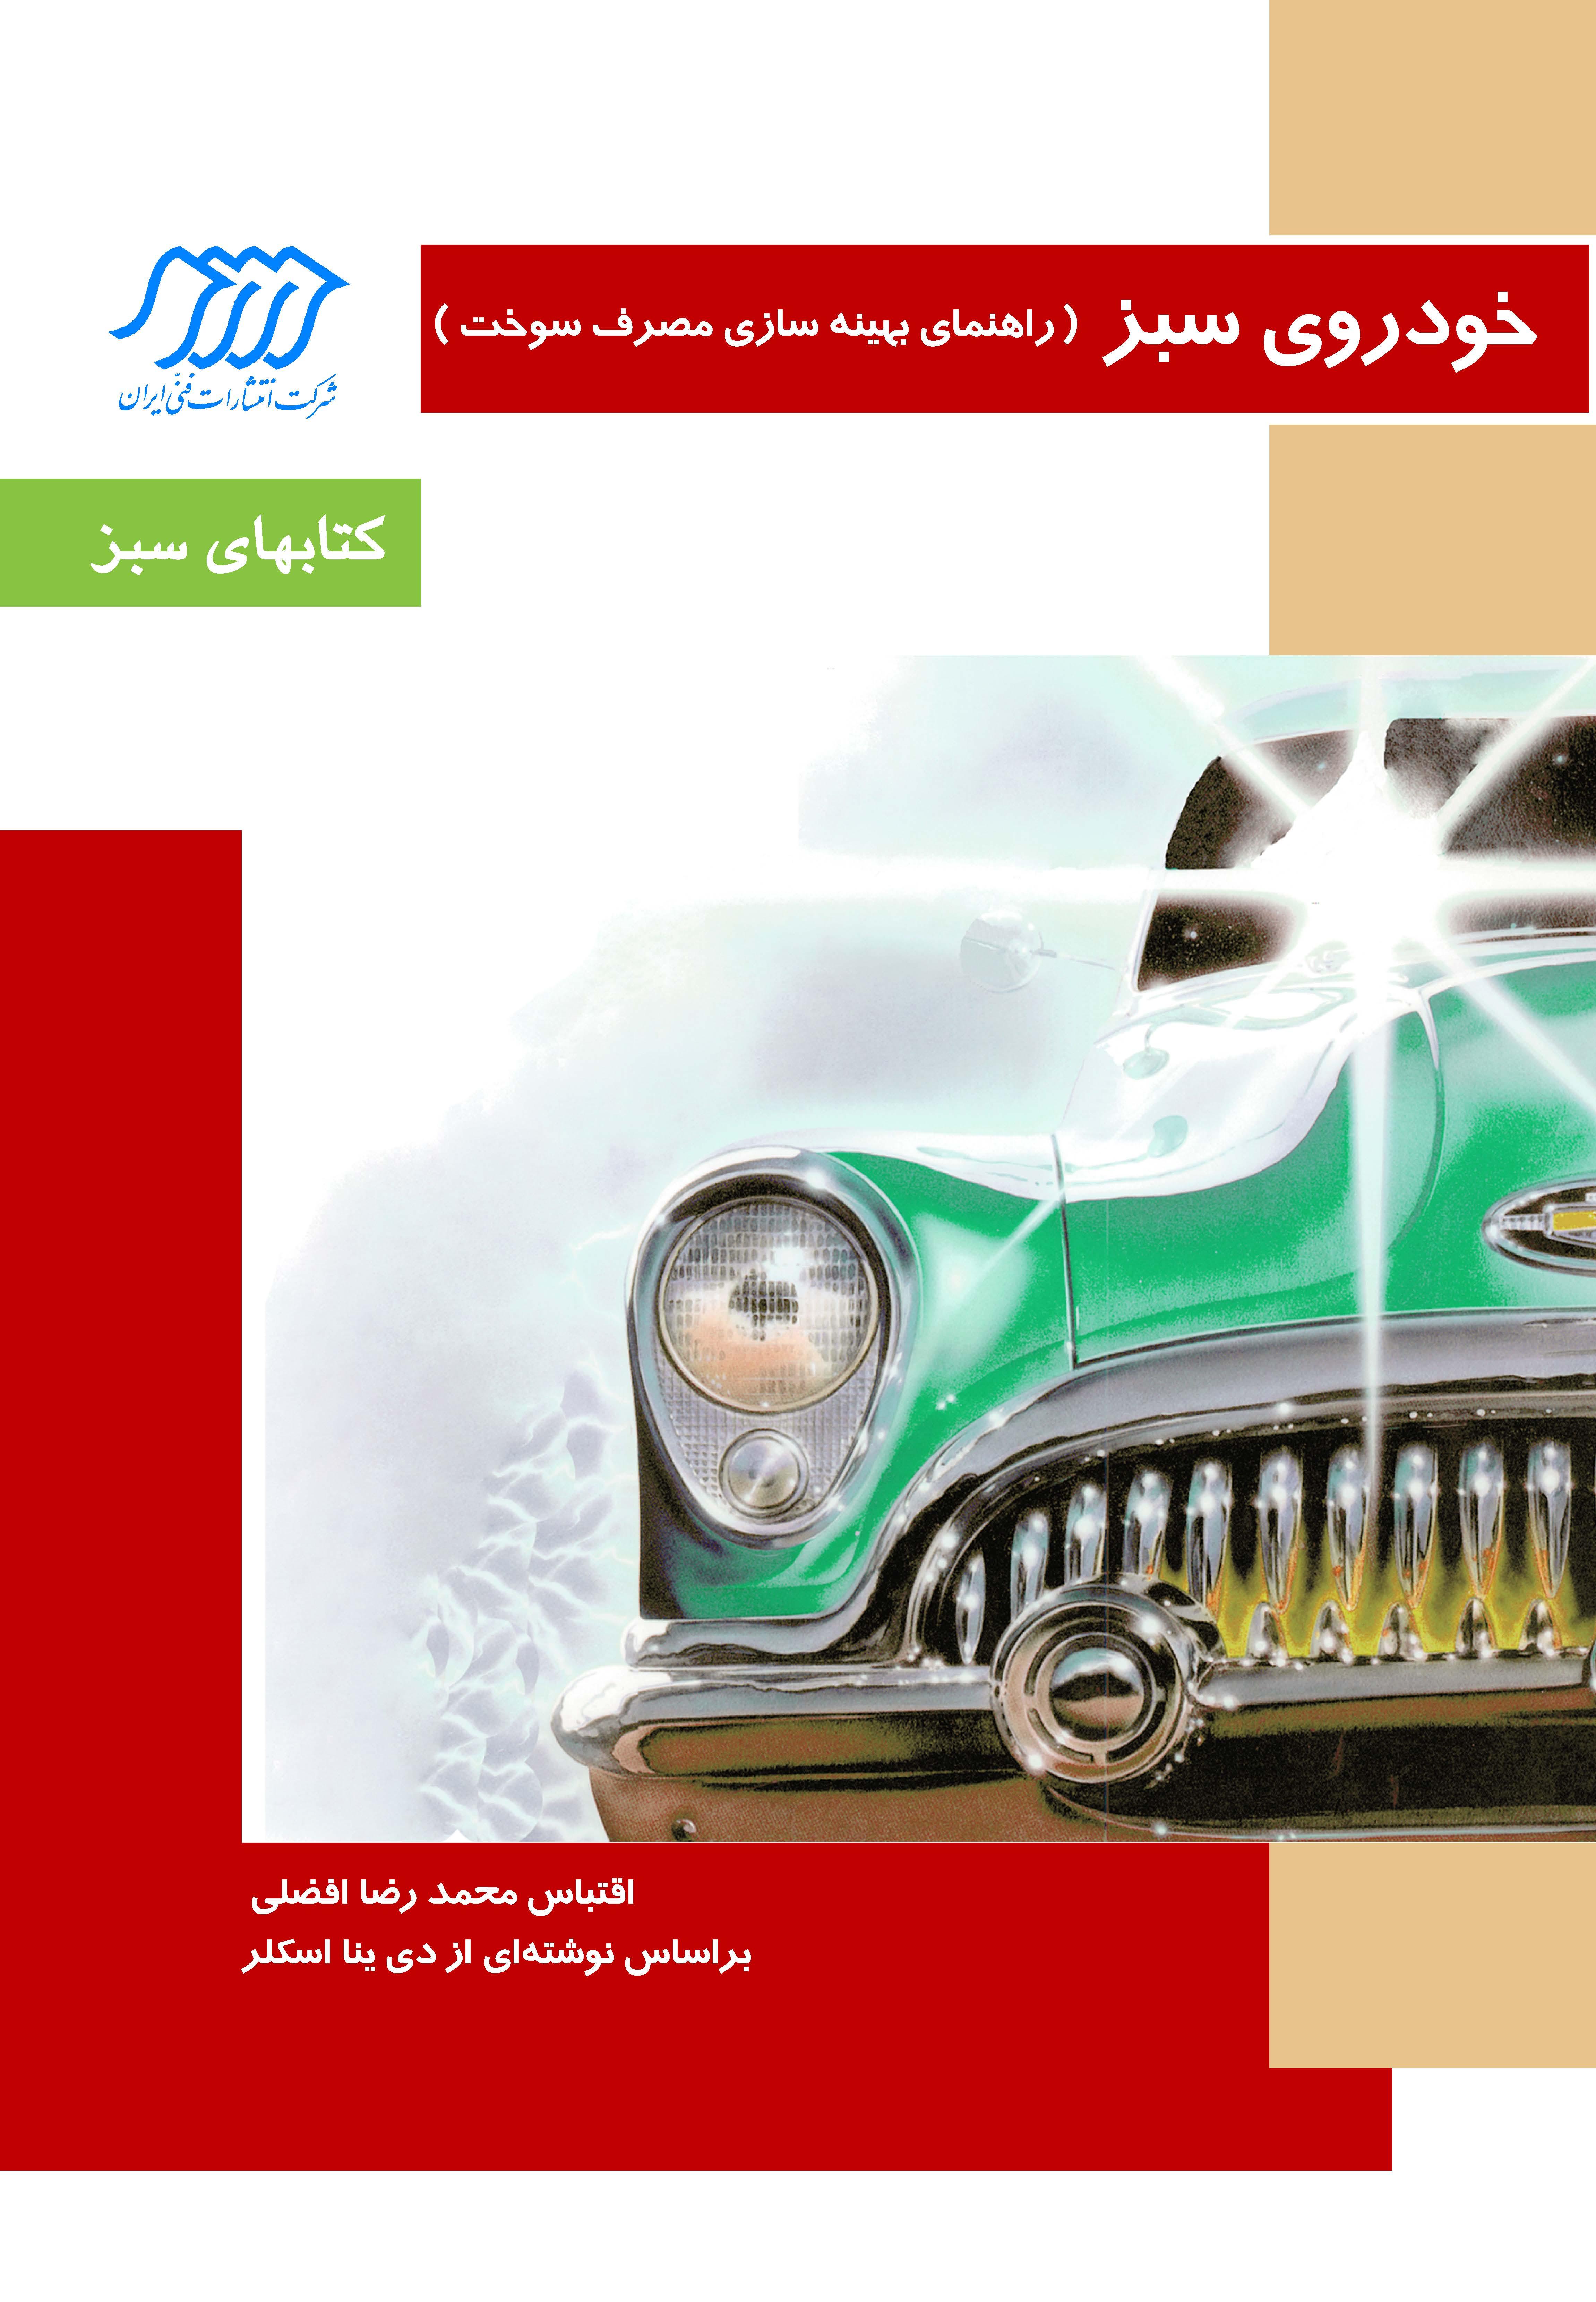 خودروی سبز (راهنمای بهینه سازی مصرف سوخت)...